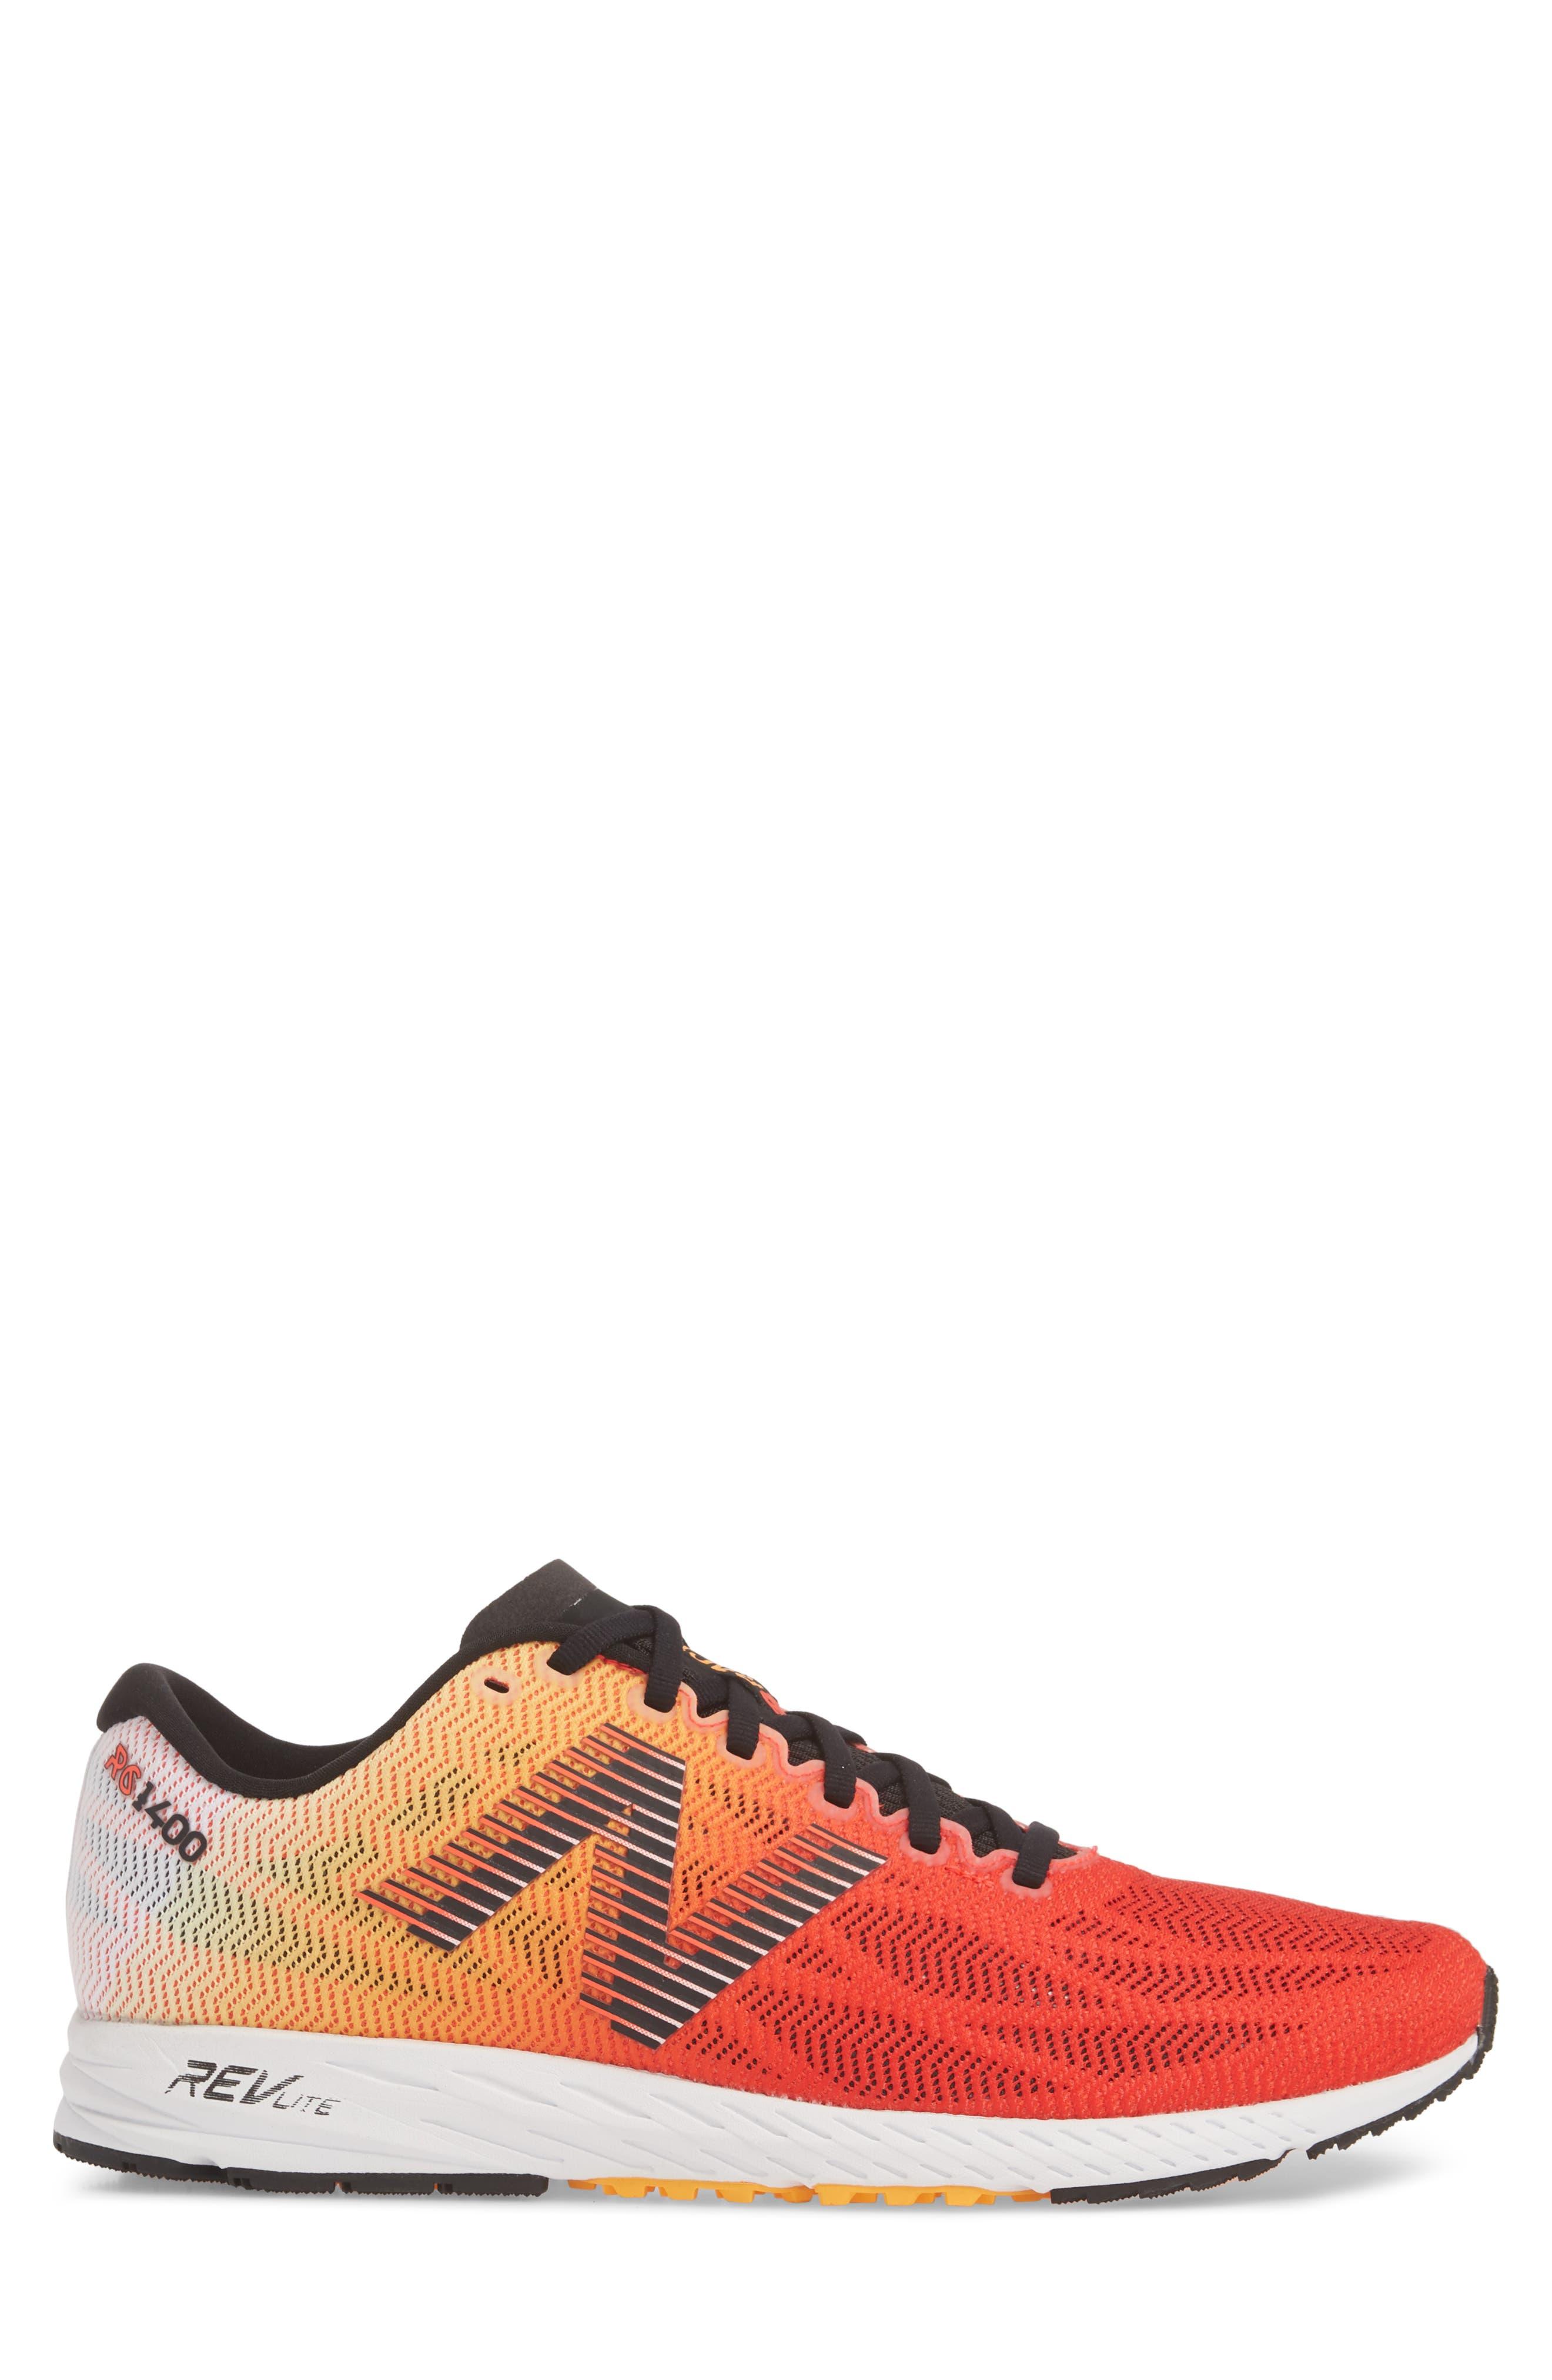 1400v6 Running Shoe,                             Alternate thumbnail 4, color,                             White Munsell